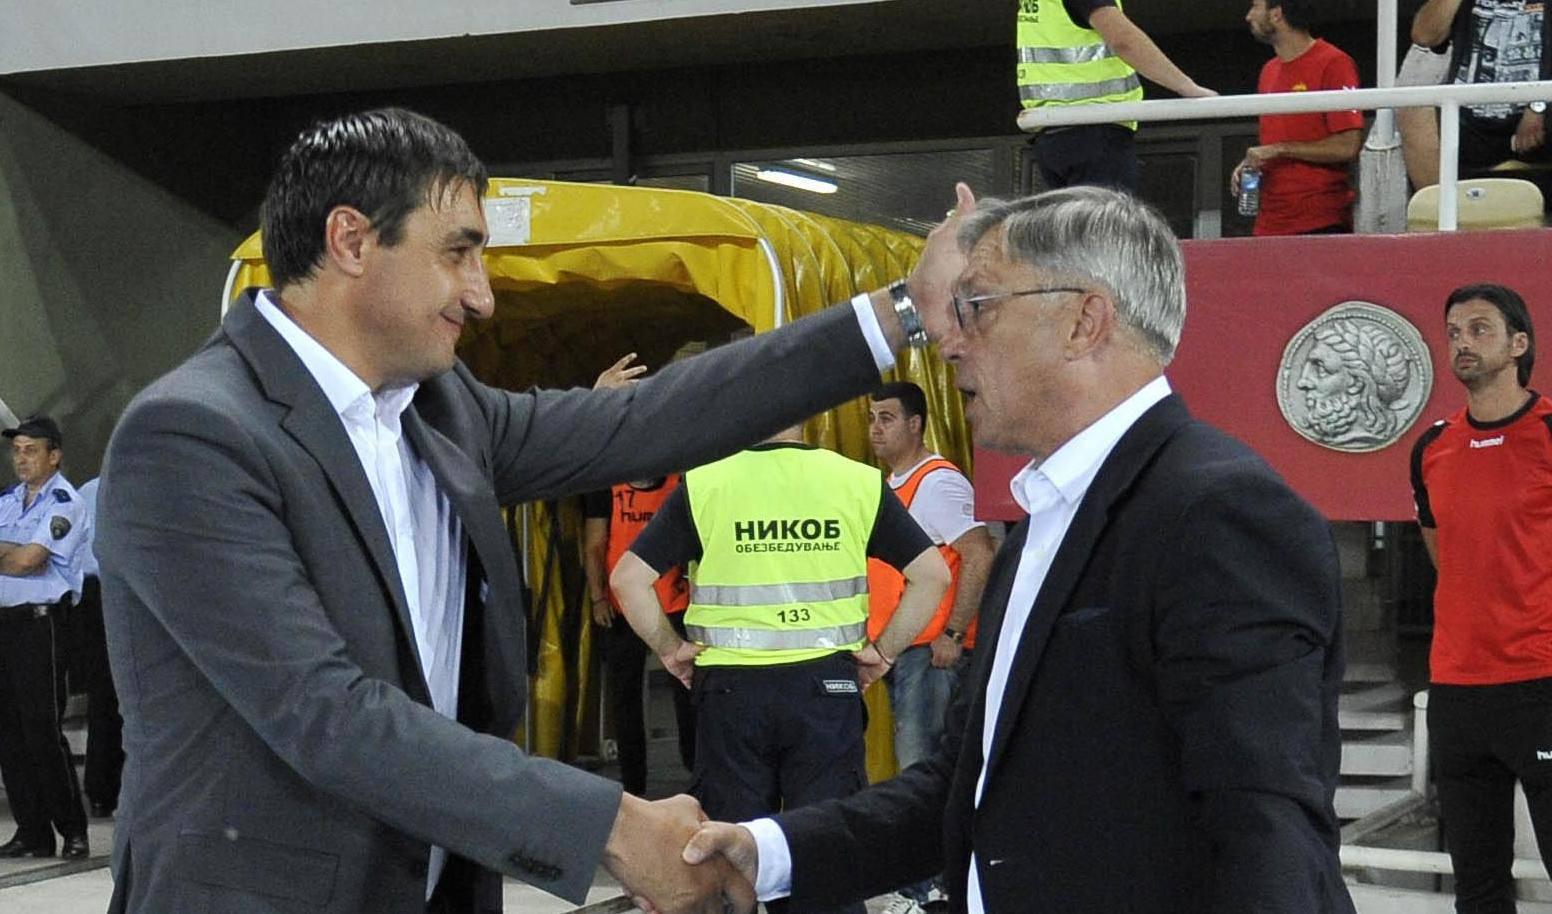 Goce: Da, preuzimam Dinamo II, ali sad sam još u karanteni...